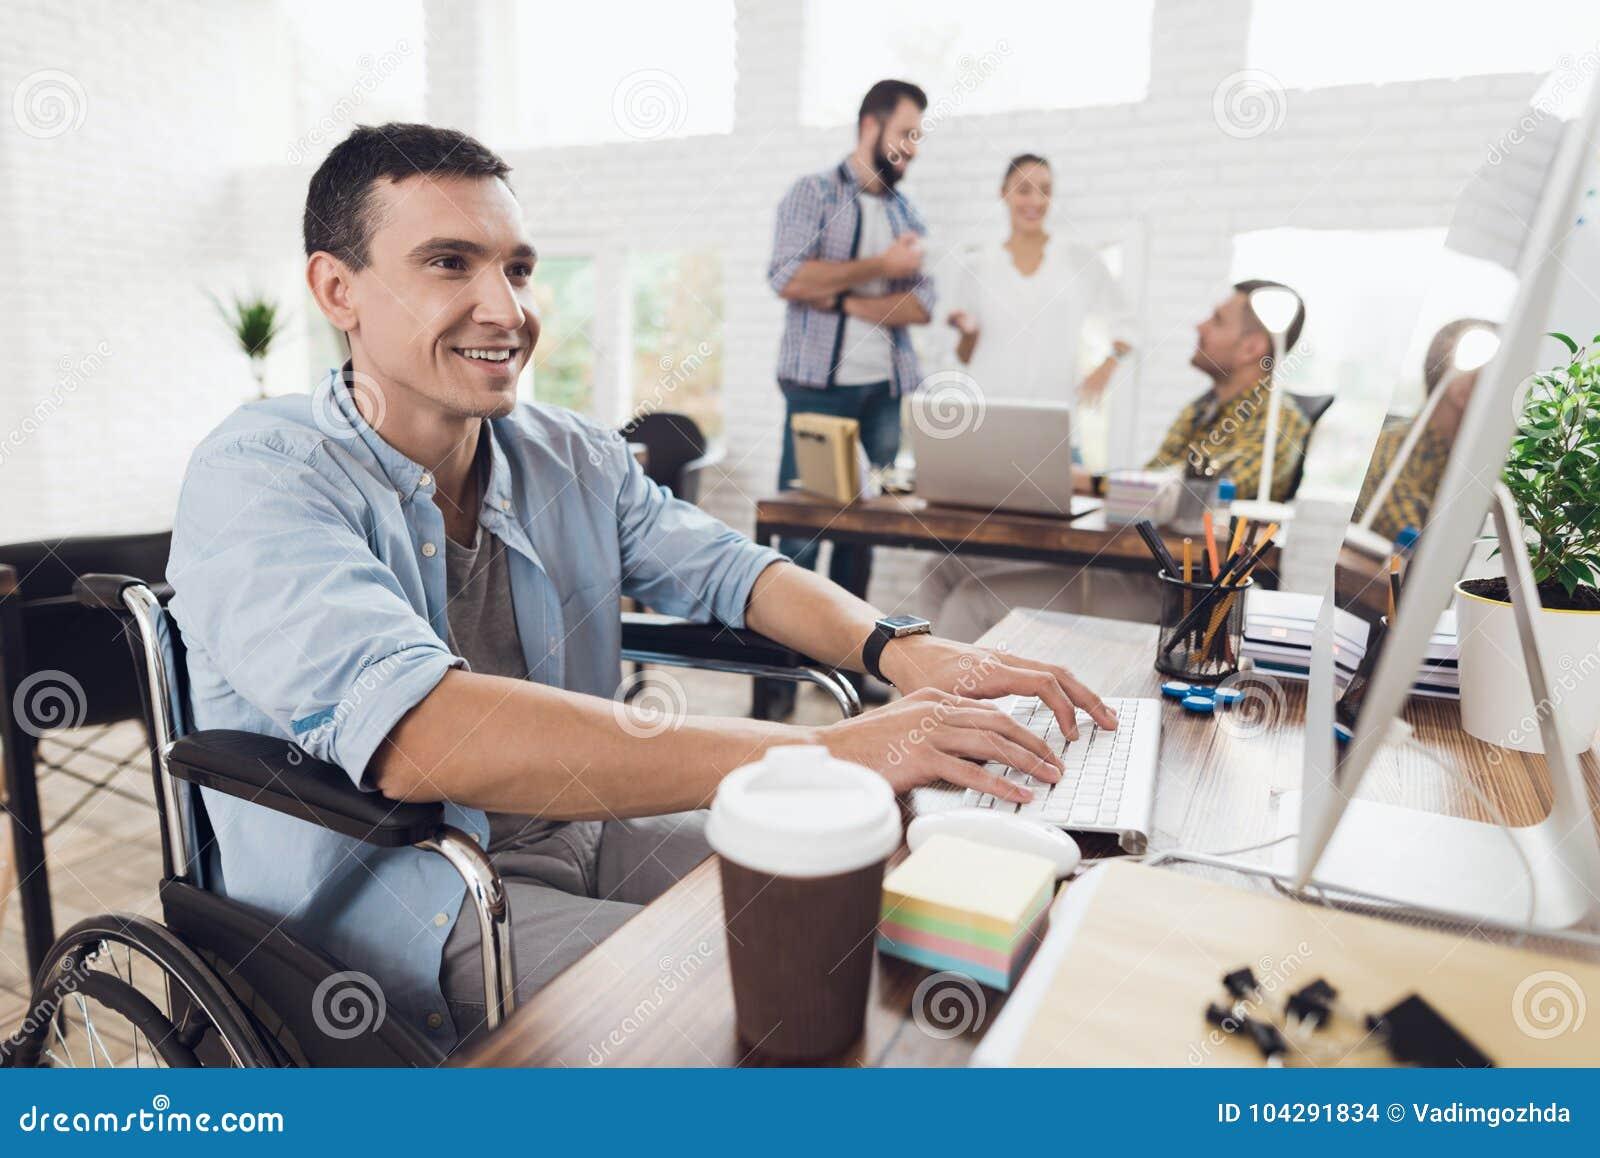 轮椅的残疾人在键盘工作在一张桌上在一个明亮的现代办公室